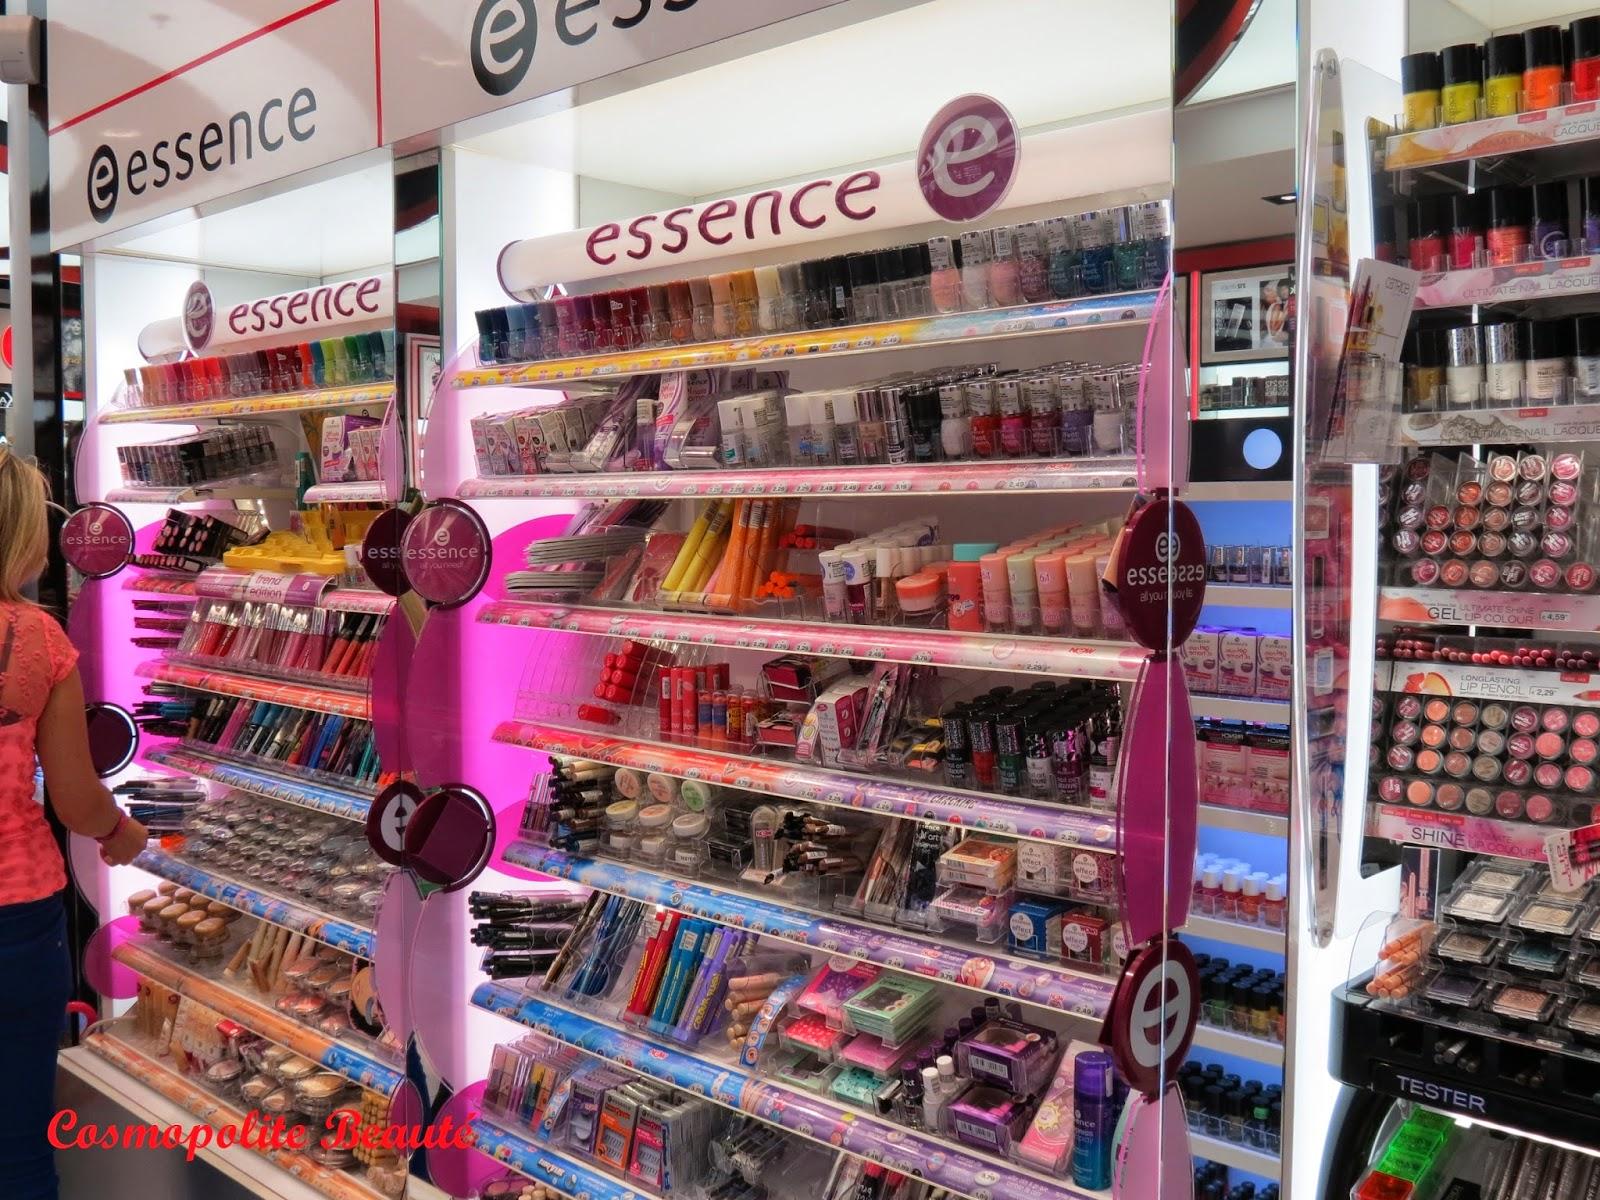 Essence, Barcelone, Espagne, voyage, carnet de voyage, Barcelona, beauté, mode, boutiques